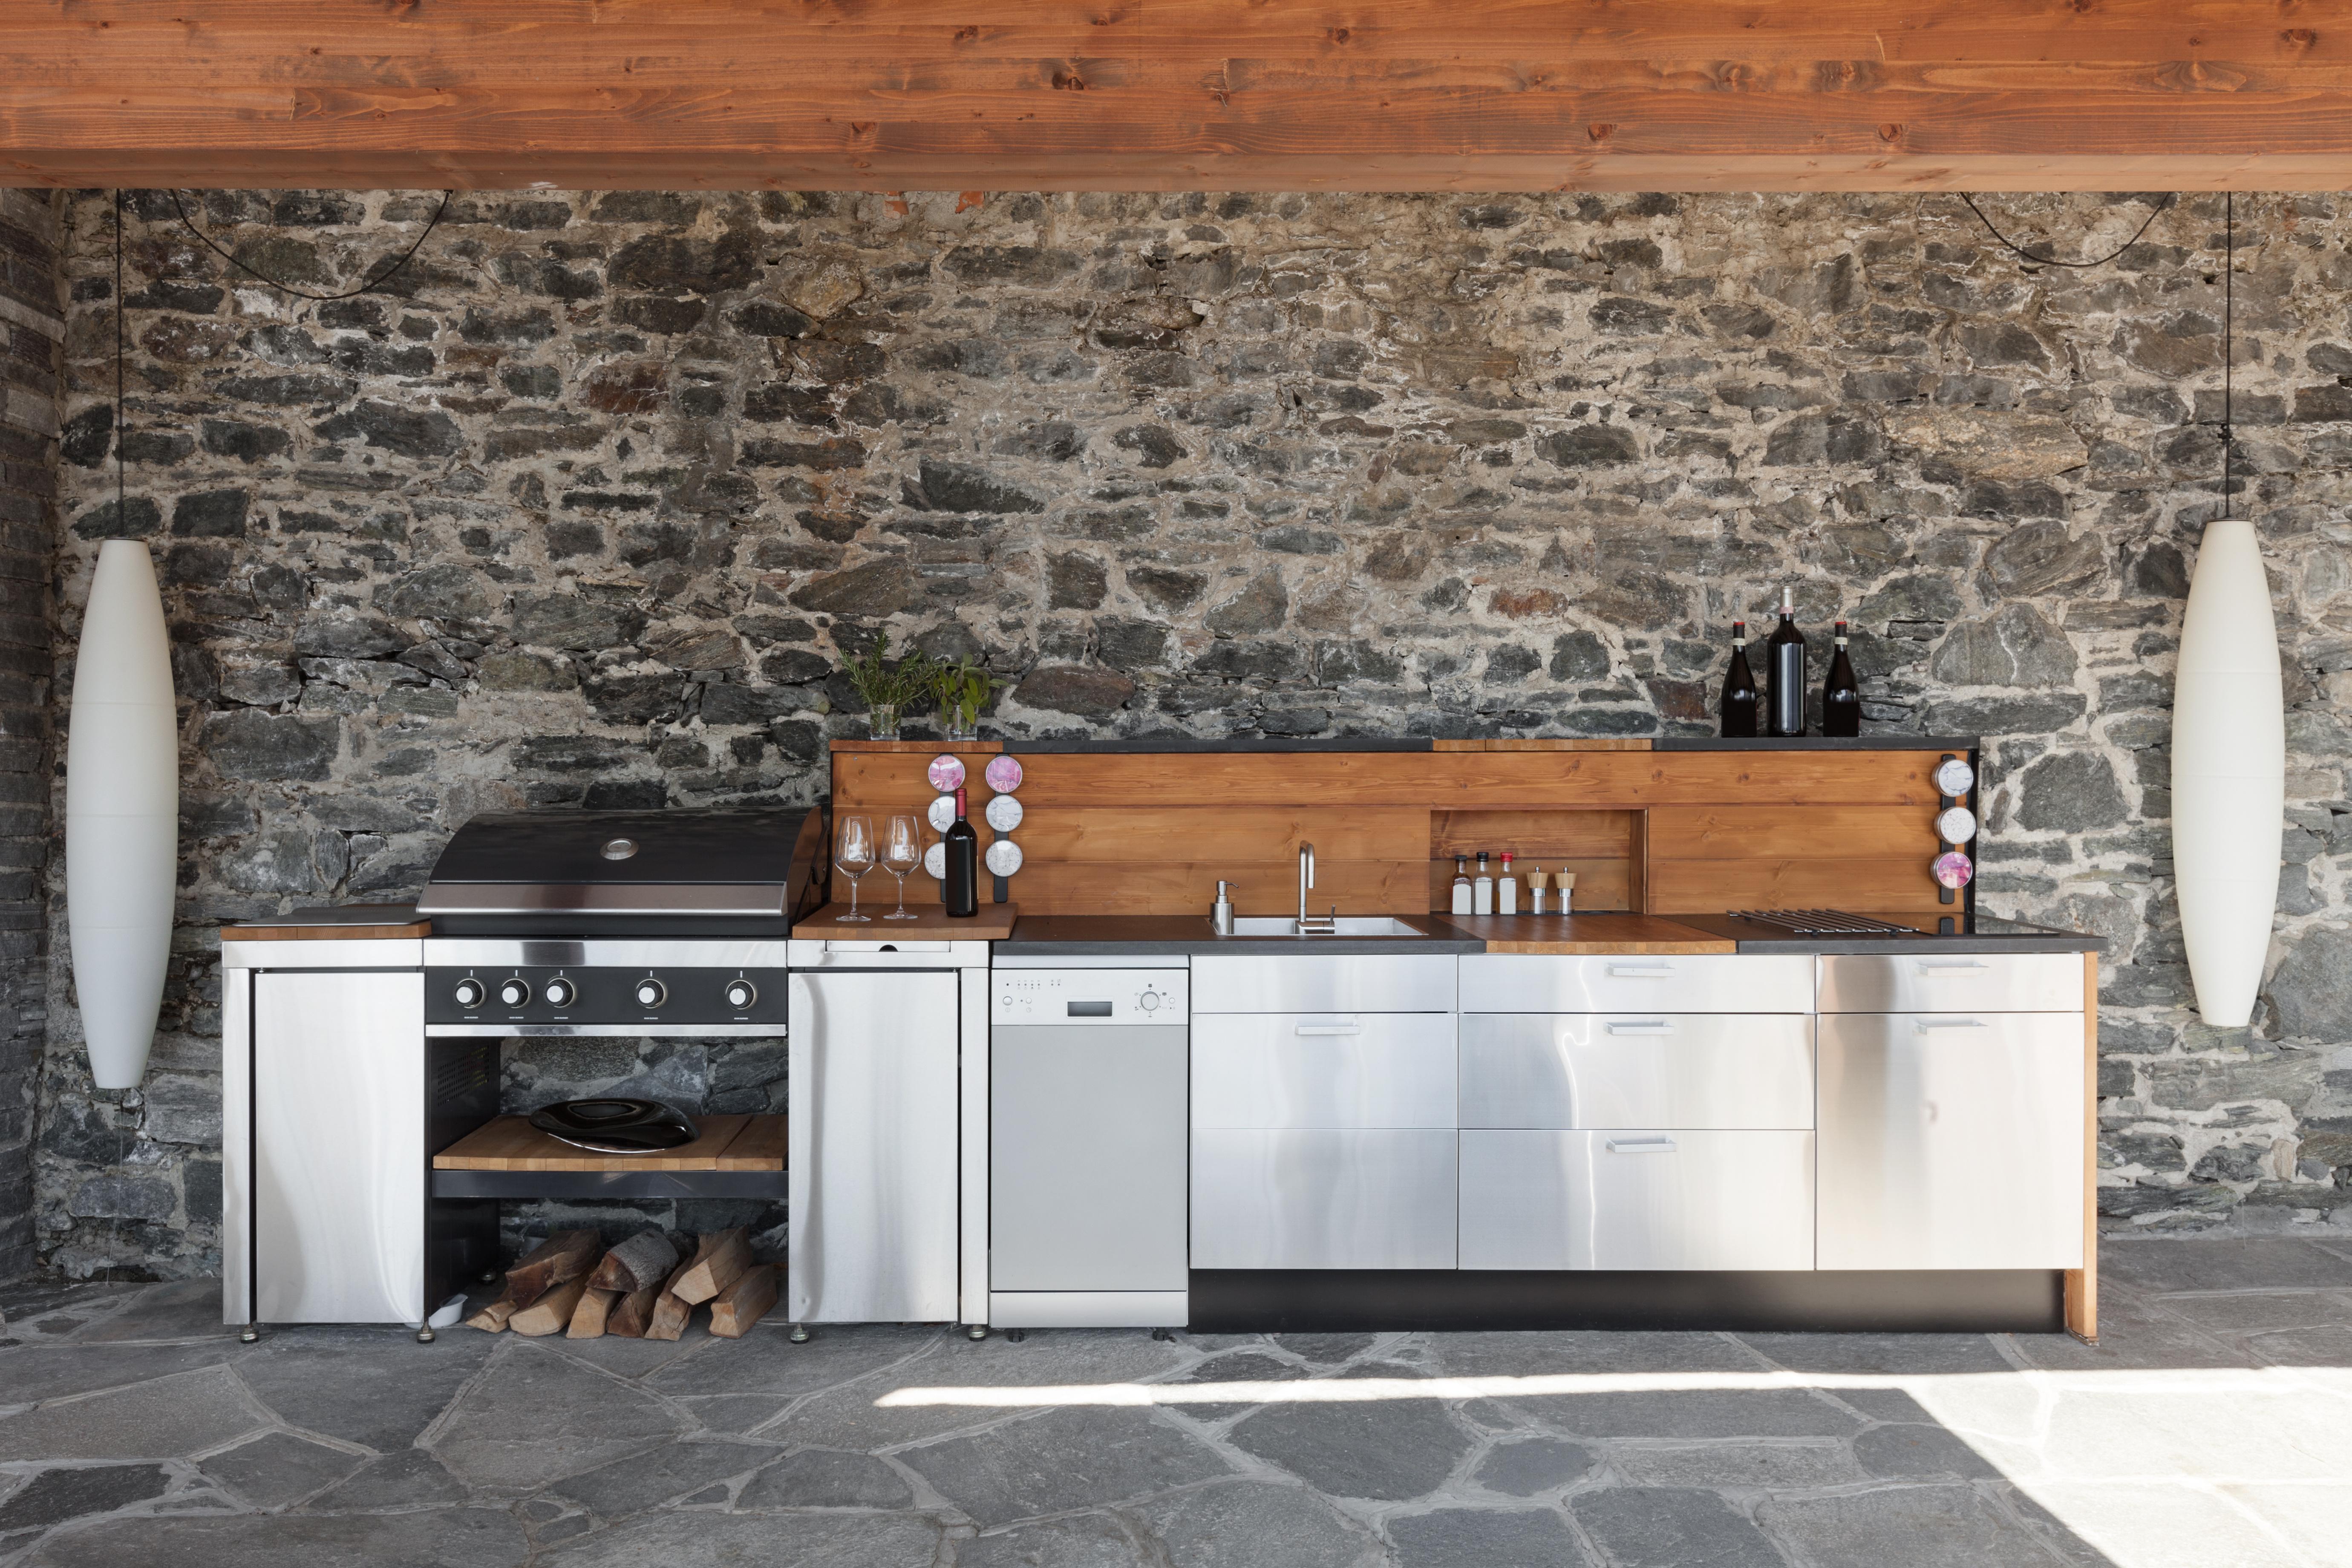 Outdoor Küche: Tipps für das Kochen im Sonnenschein